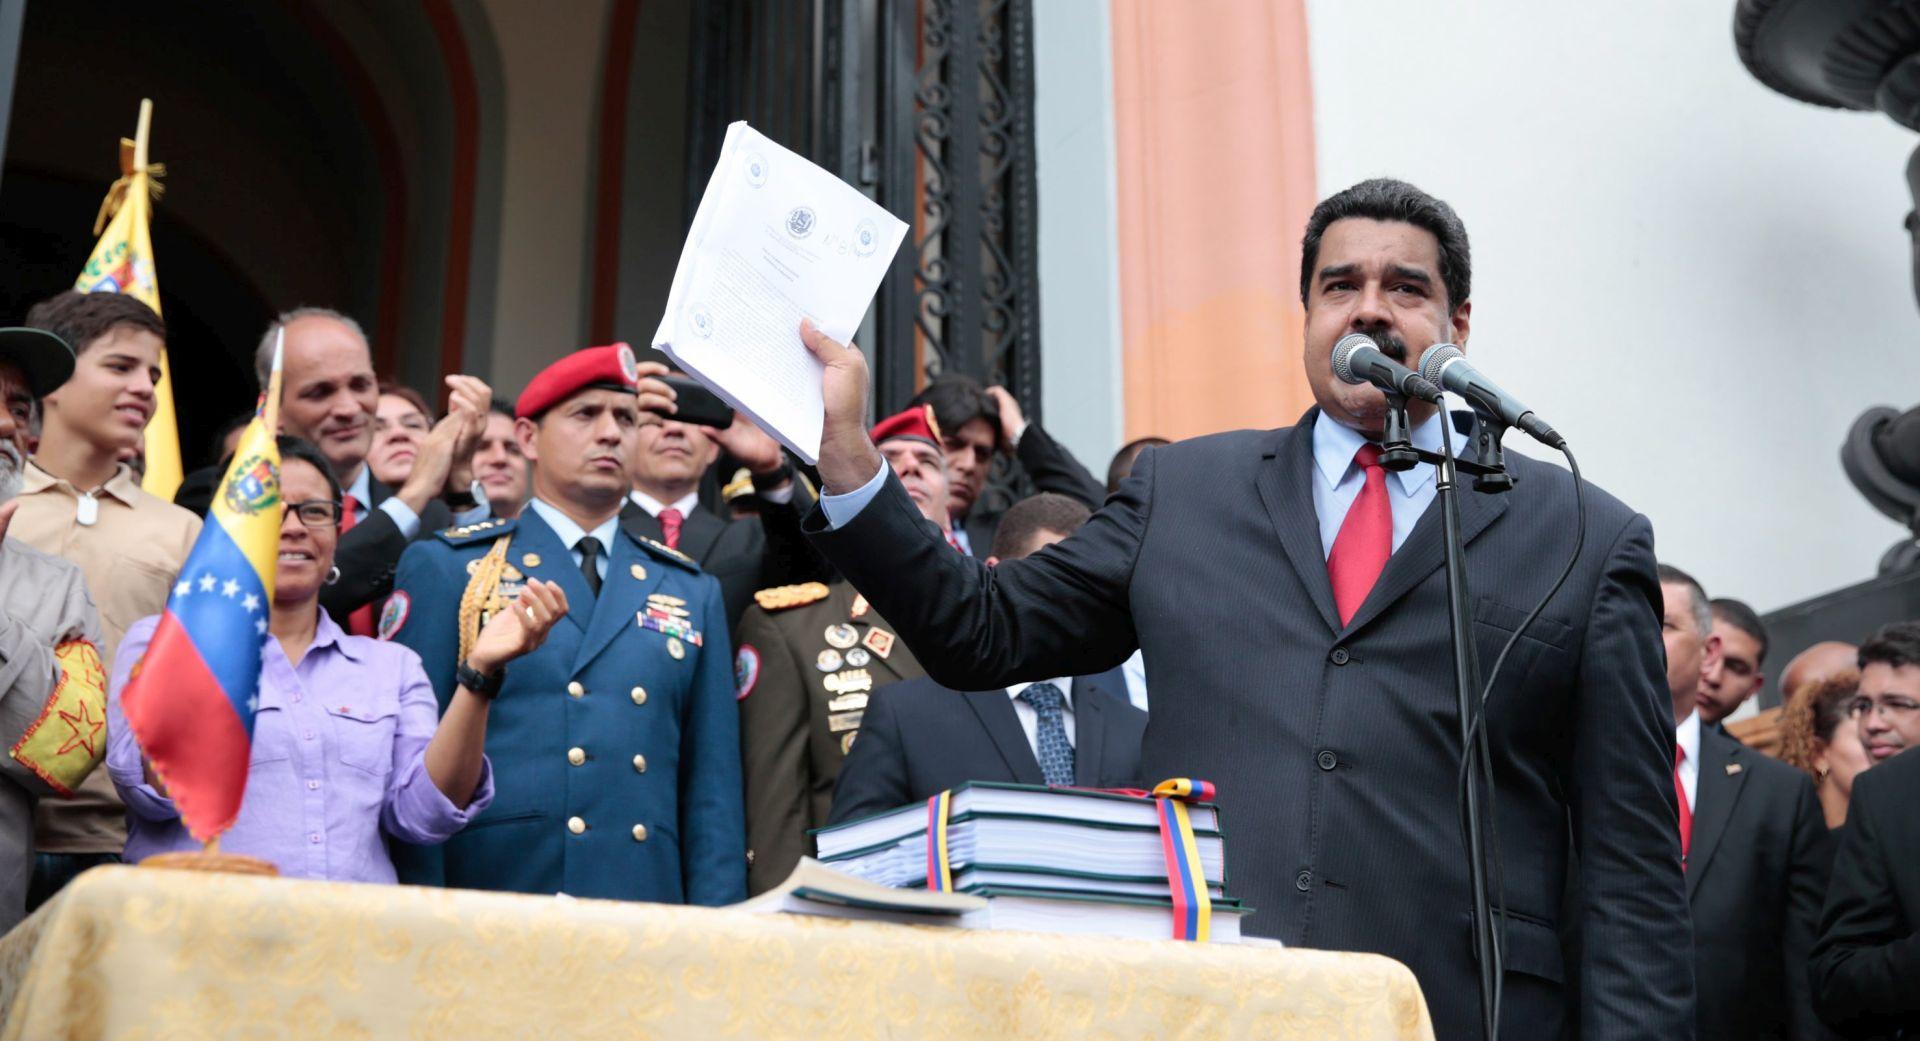 """VENEZUELA Usvojena rezolucija u kojoj se tvrdi da je Madurov režim izveo """"državni udar"""""""